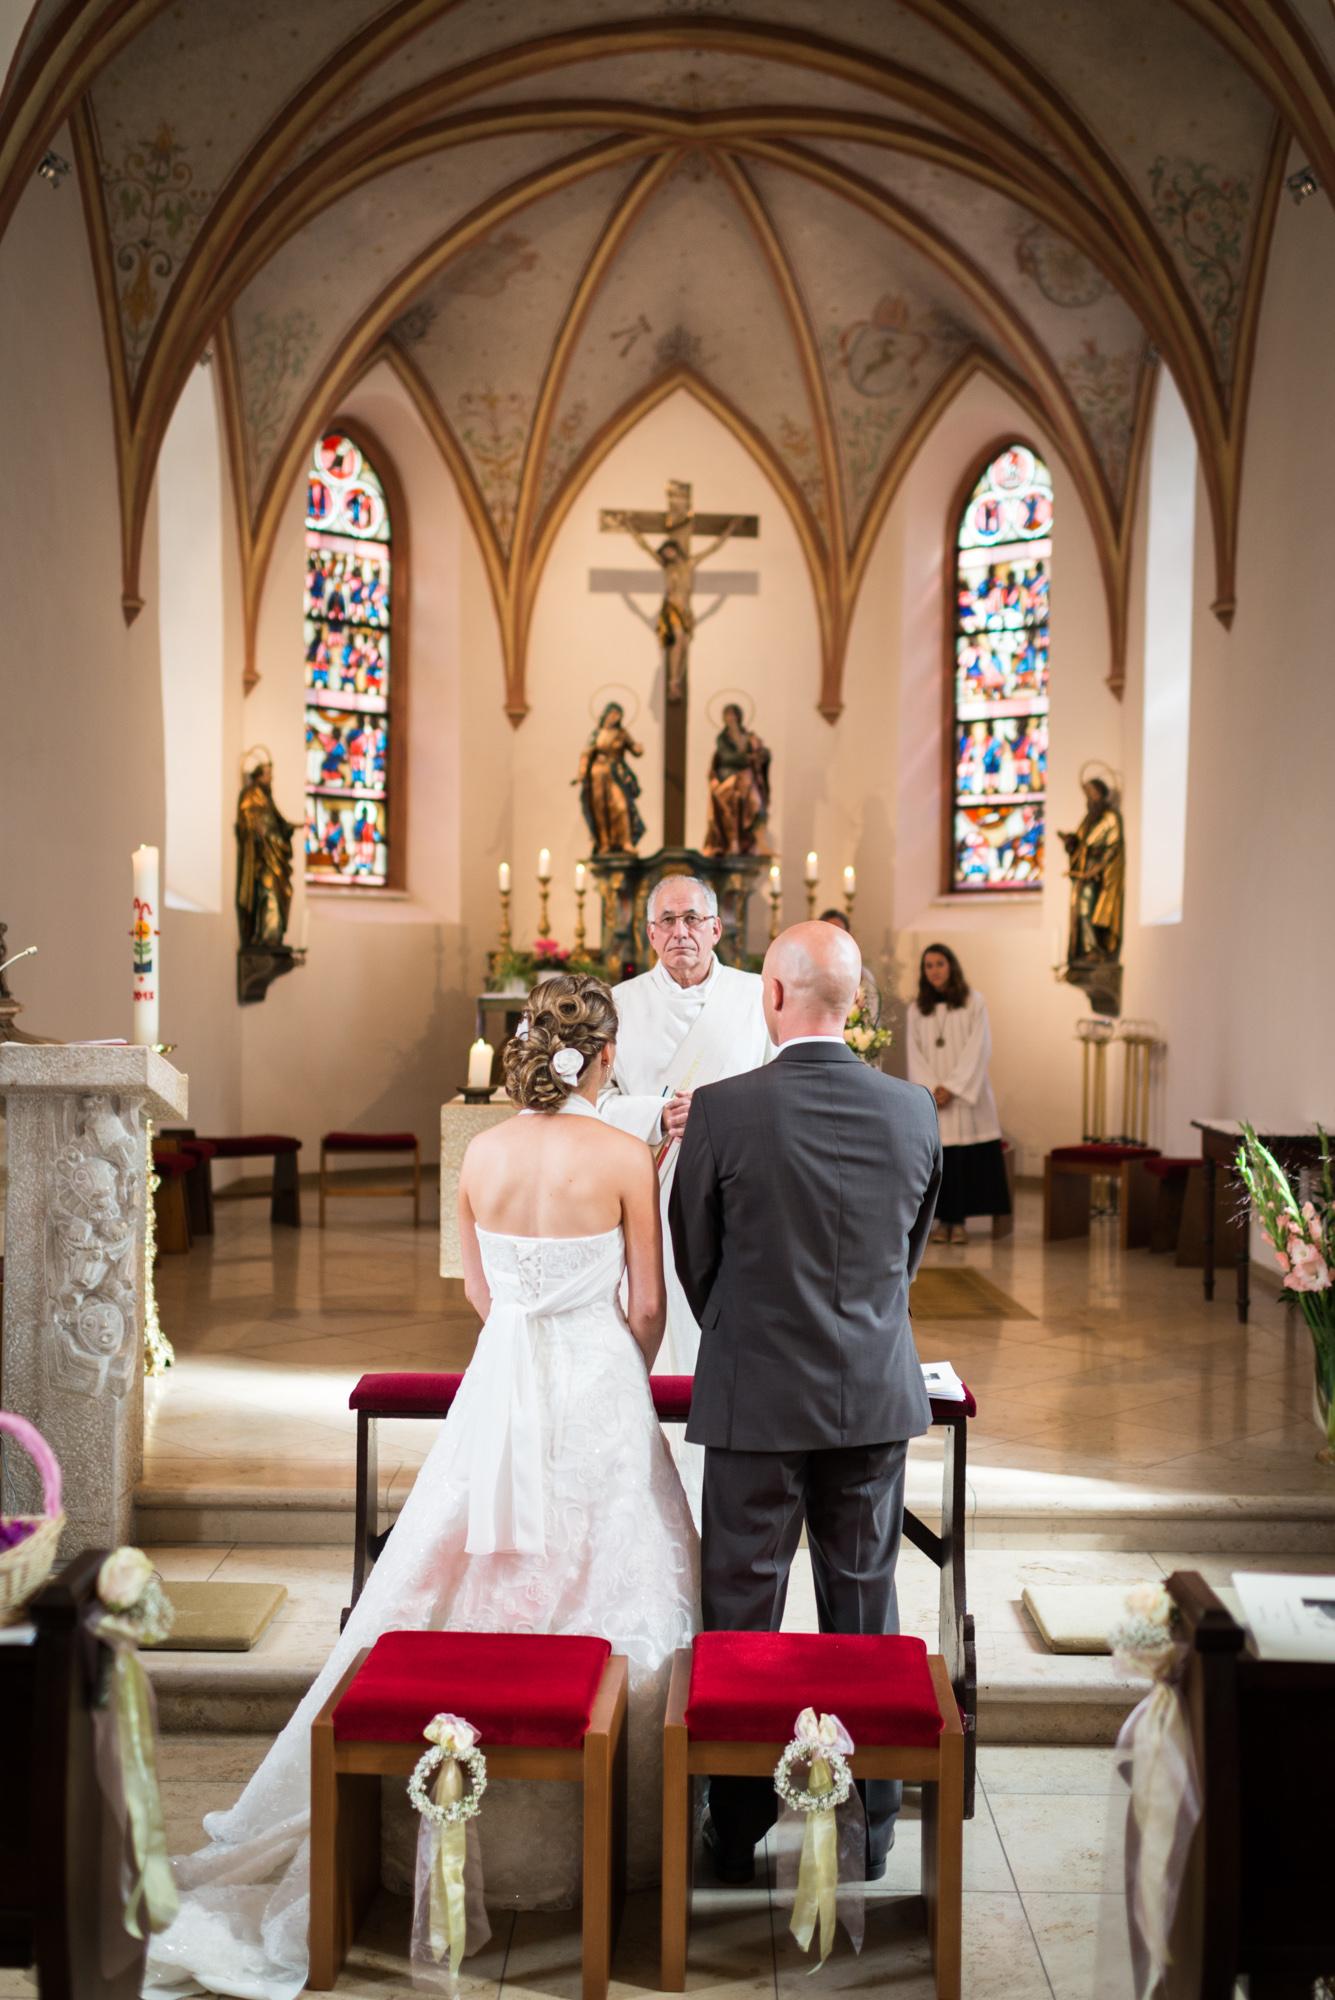 Fotograf Konstanz - Als Hochzeitsfotograf in Bad Dürrheim unterwegs  - 33 -